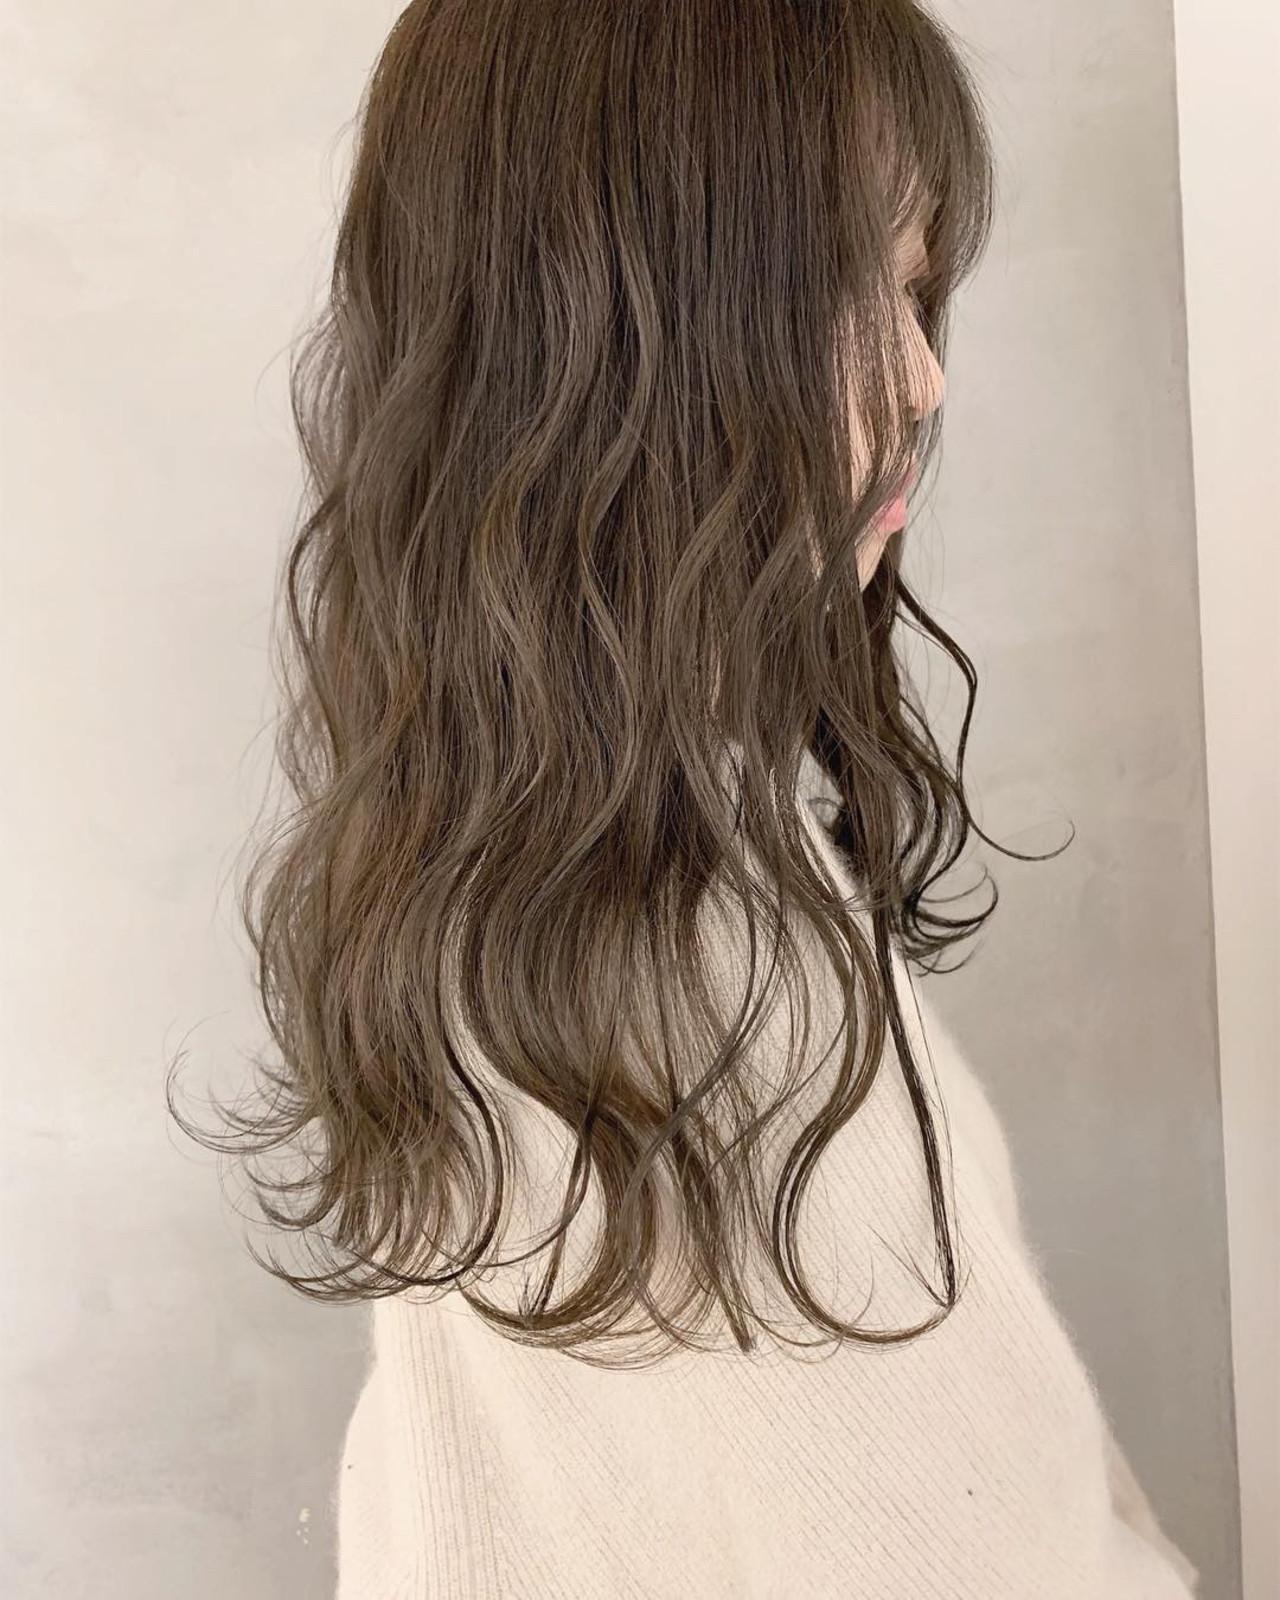 アッシュベージュ アッシュグレージュ グレージュ ミルクティーグレージュ ヘアスタイルや髪型の写真・画像